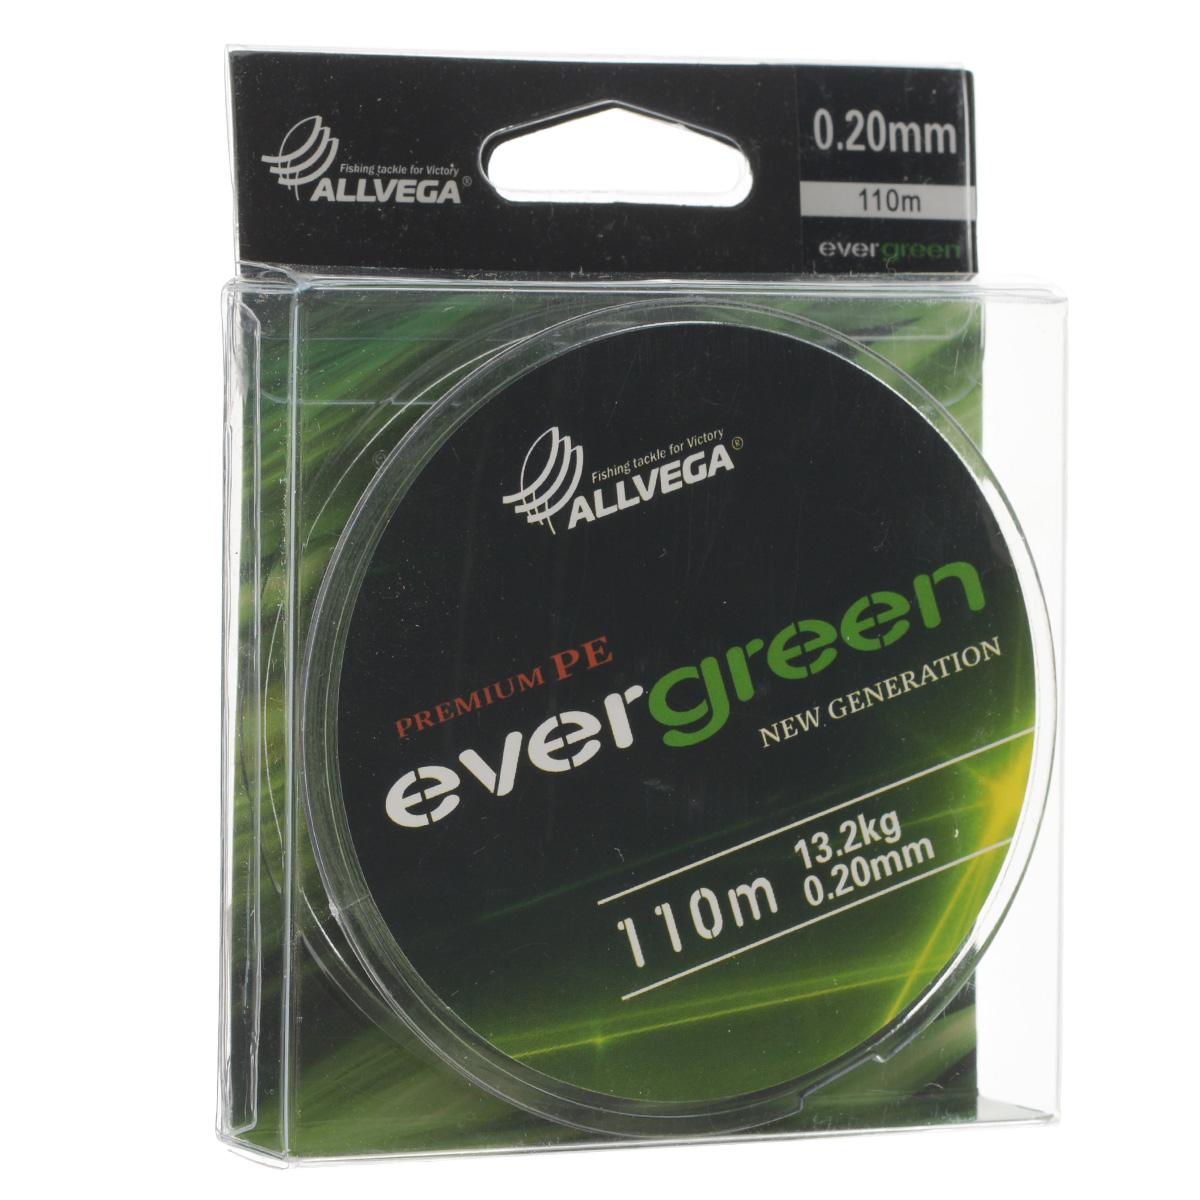 Леска плетеная Allvega Evergreen, цвет: темно-зеленый, 110 м, 0,20 мм, 13,2 кг218032Плетеная леска Allvega Evergreen очень прочная и способна выдержать сильные нагрузки. Благодаря высококачественному сырью леска Allvega Allvega Evergreen максимально устойчива к любым погодным условиям и особенностям каждого водоема. При традиционных методах производства плетеные шнуры со временем теряют свой цвет (покрытие), а вместе с ним и часть своих полезных физических свойств. Революционно новый подход в технологии изготовления лесок Allvega Evergreen позволяет забыть о проблеме потери цвета в процессе использования шнура. Он всегда будет зеленым - он просто не может быть другим!